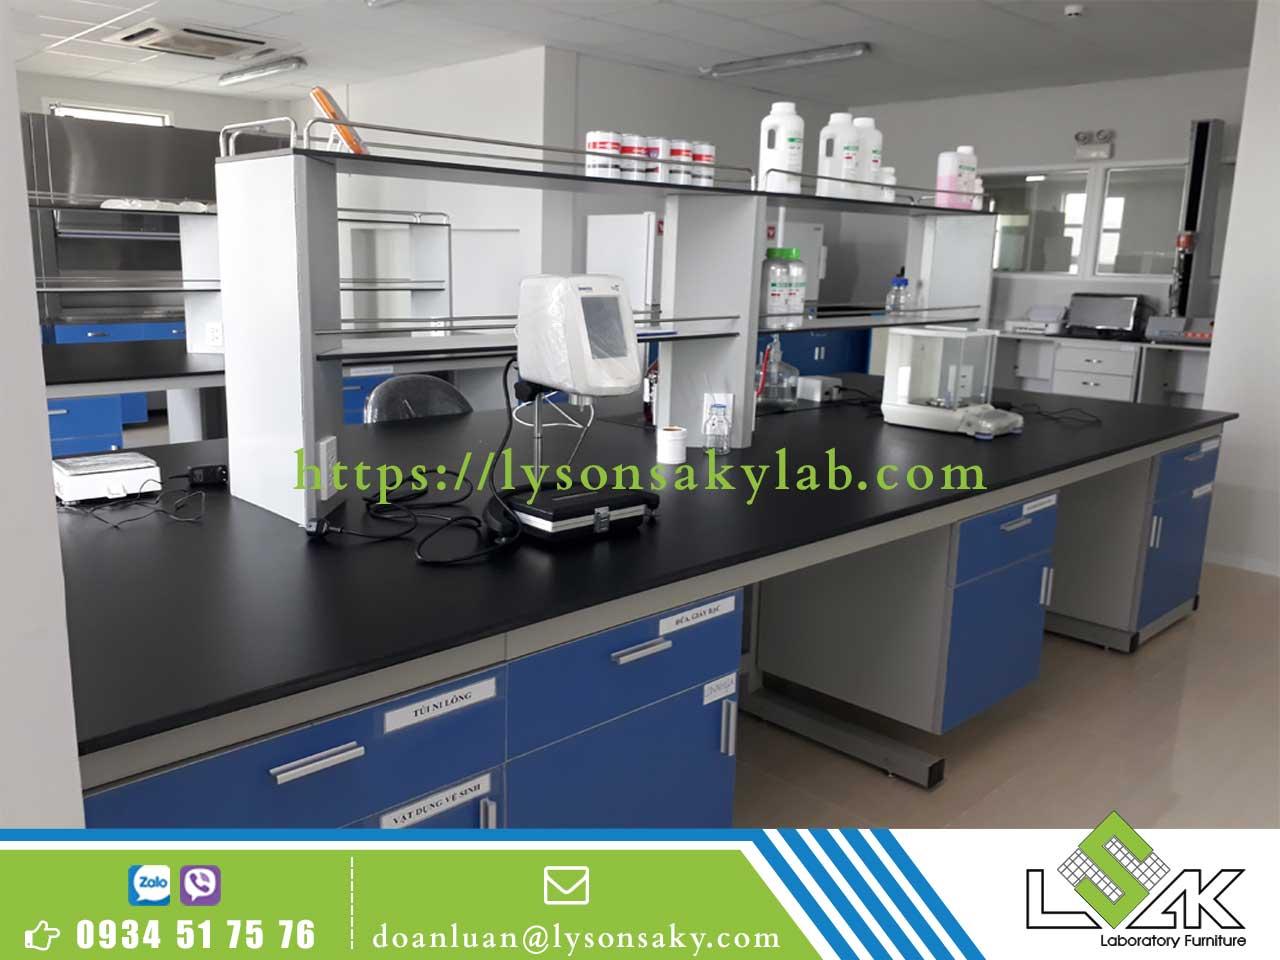 Bàn thí nghiệm trung tâm BTN-TTLSK01